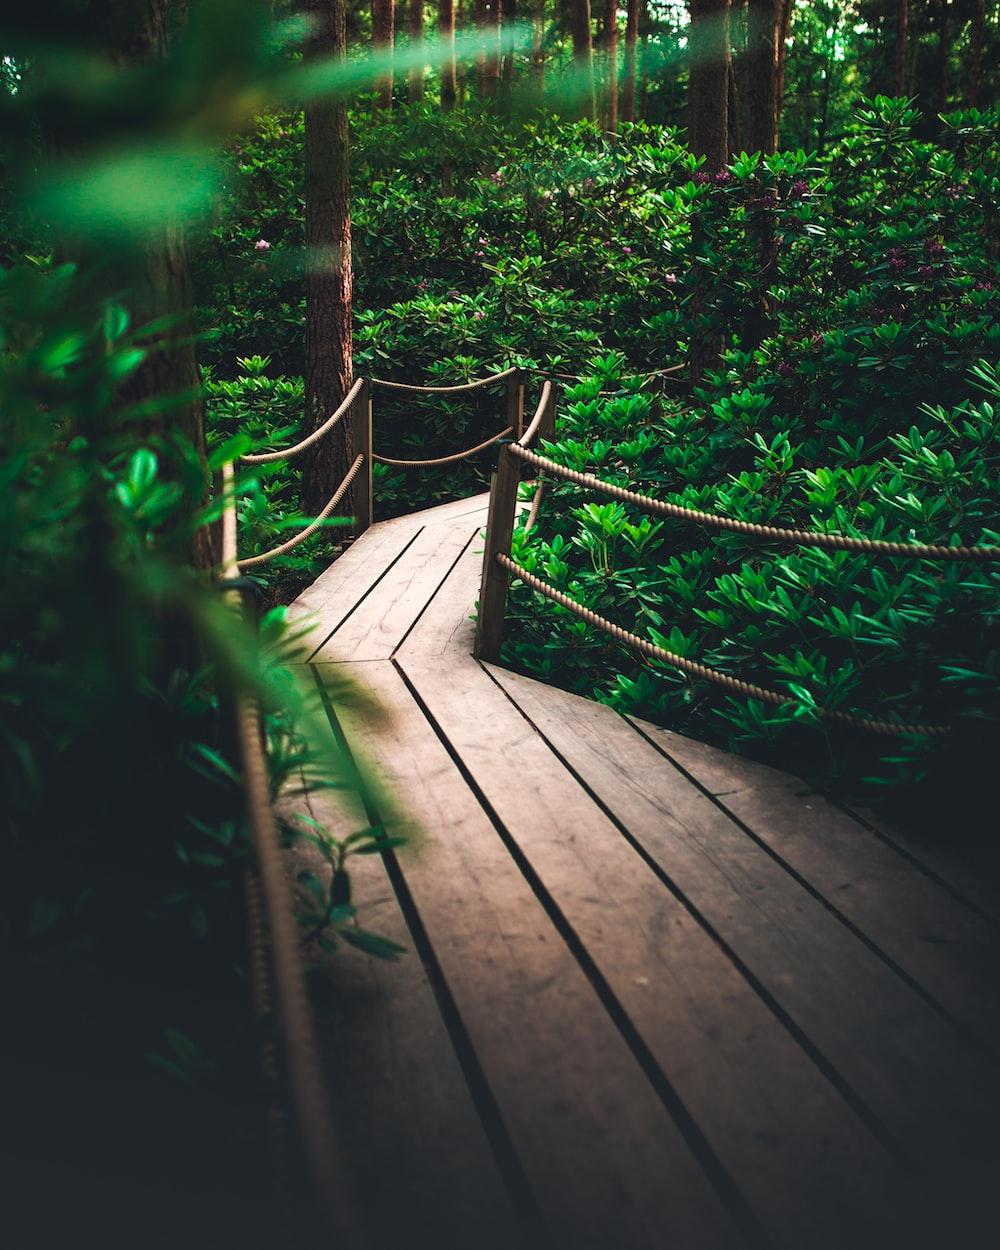 selective focus photo of brown wooden bridge